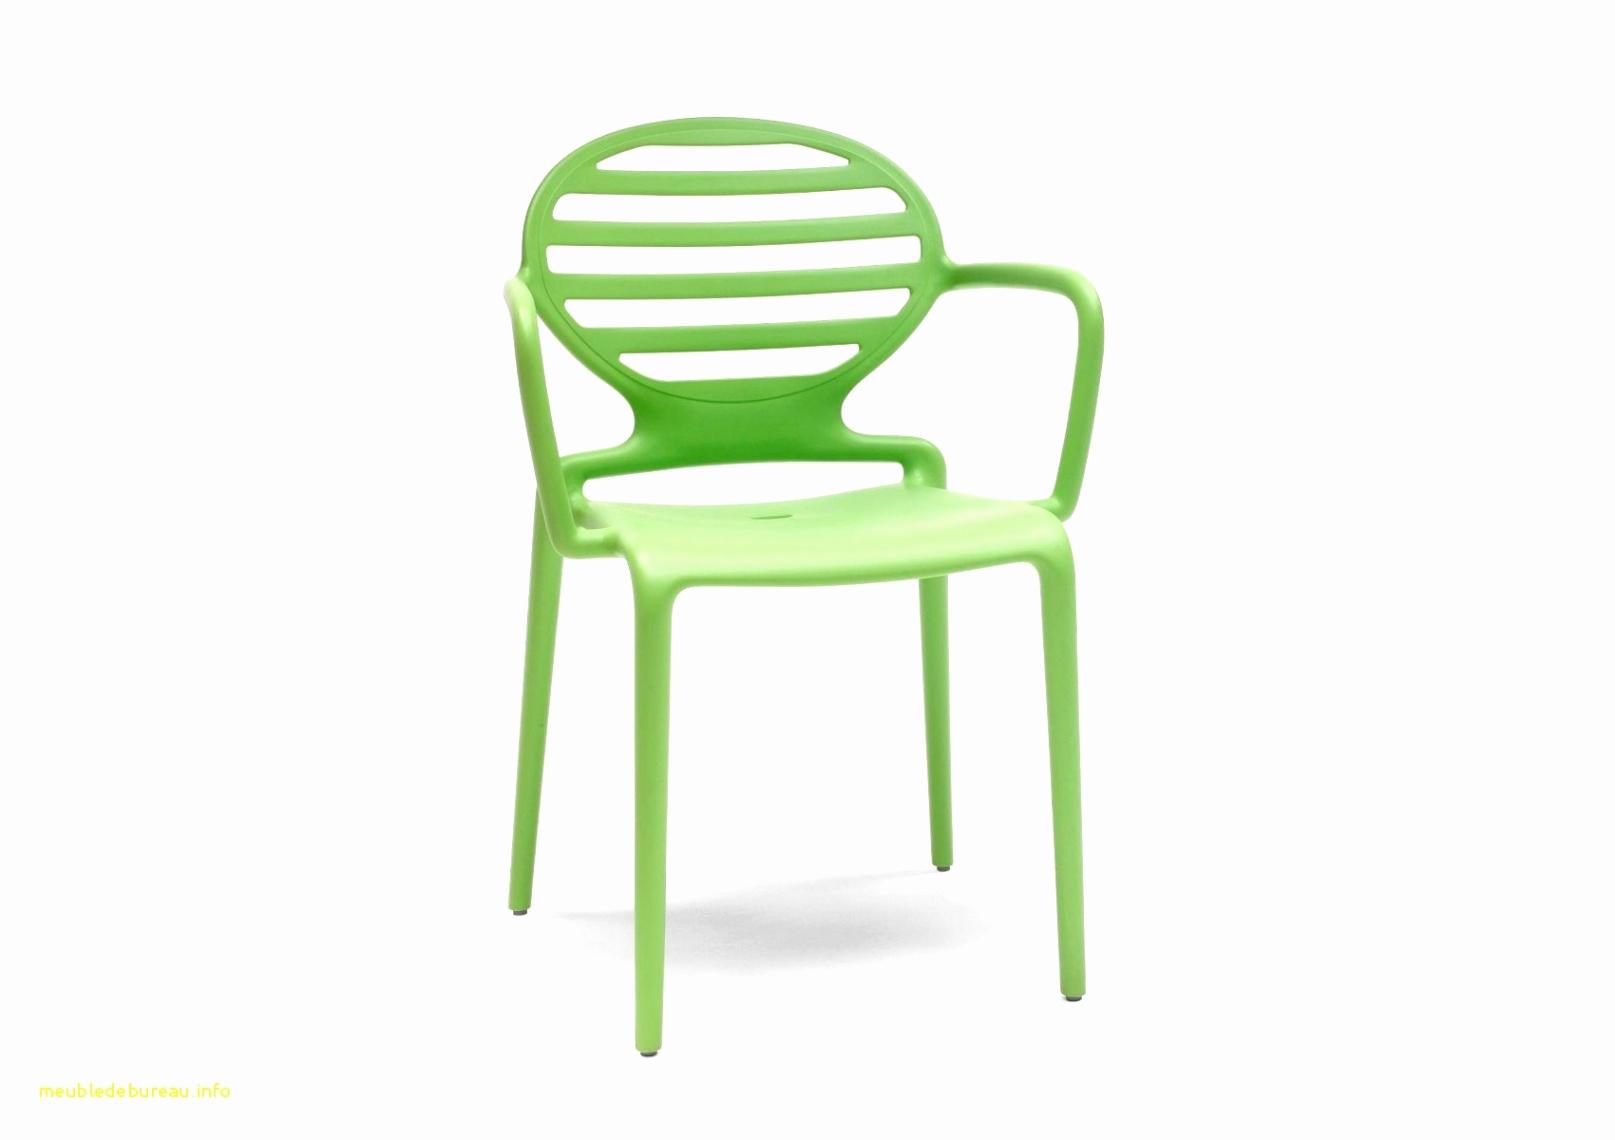 chaise de salon pas cher beau chaise design cuir chaise grise pas cher elegant fauteuil salon 0d of chaise de salon pas cher